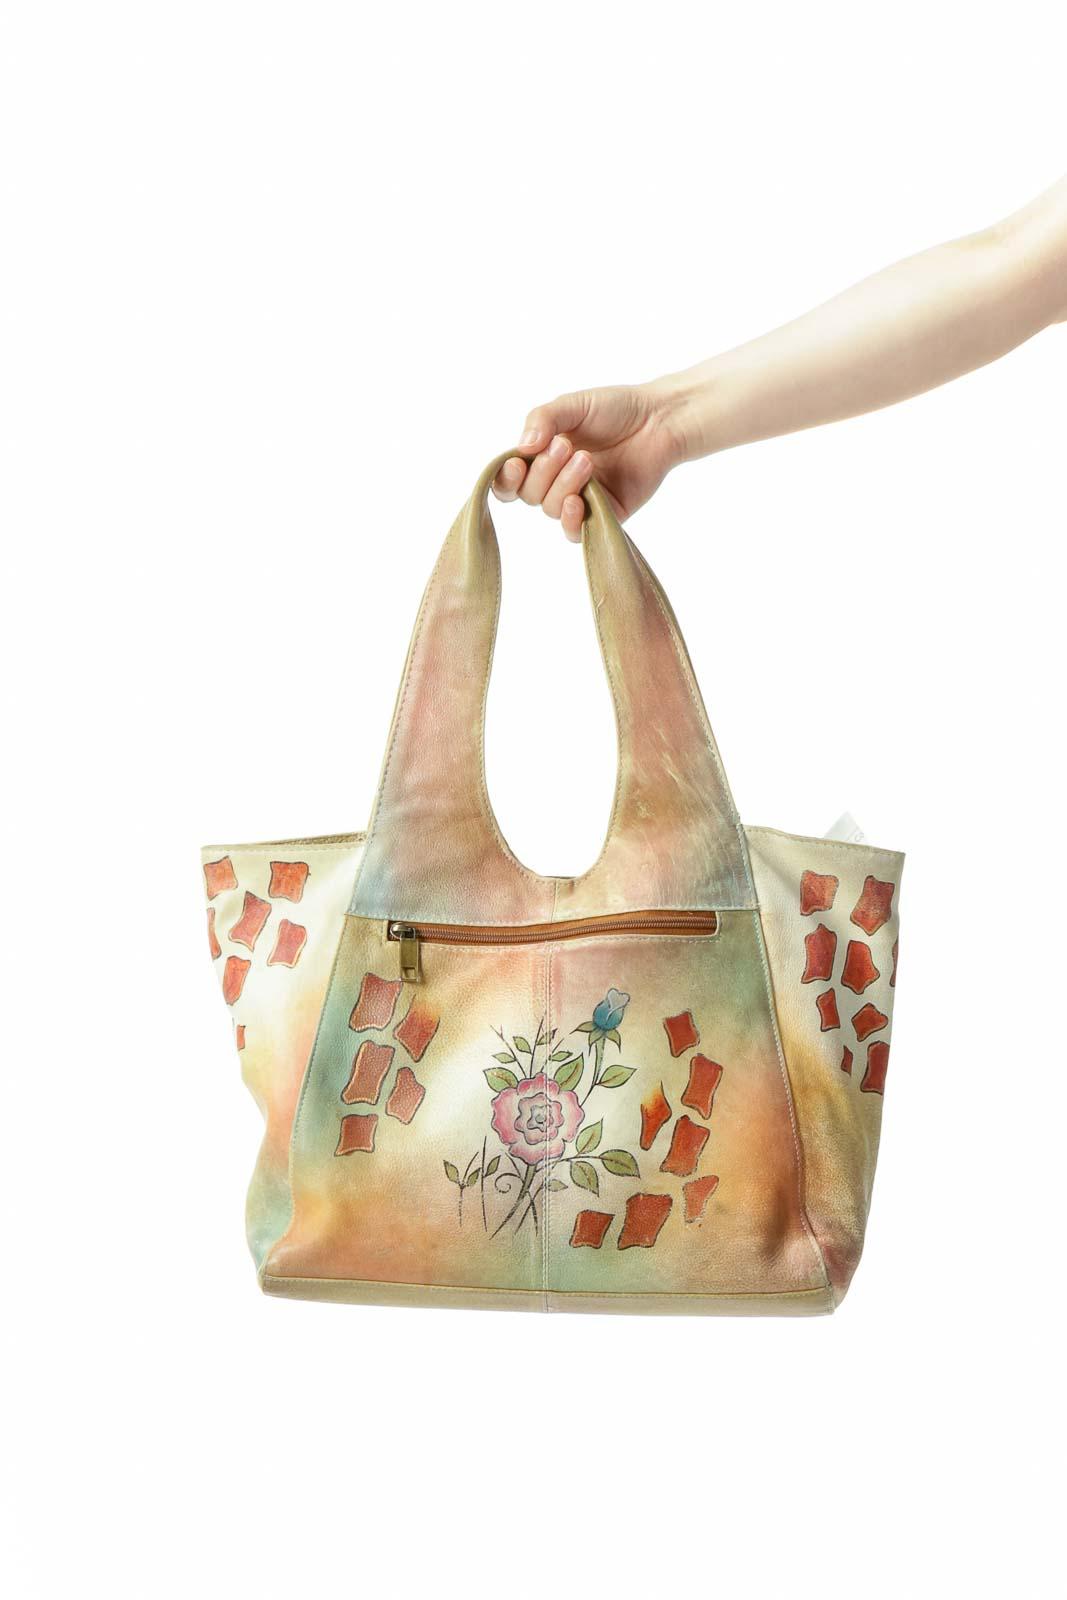 Beige Floral Vintage Leather Tote Bag Front